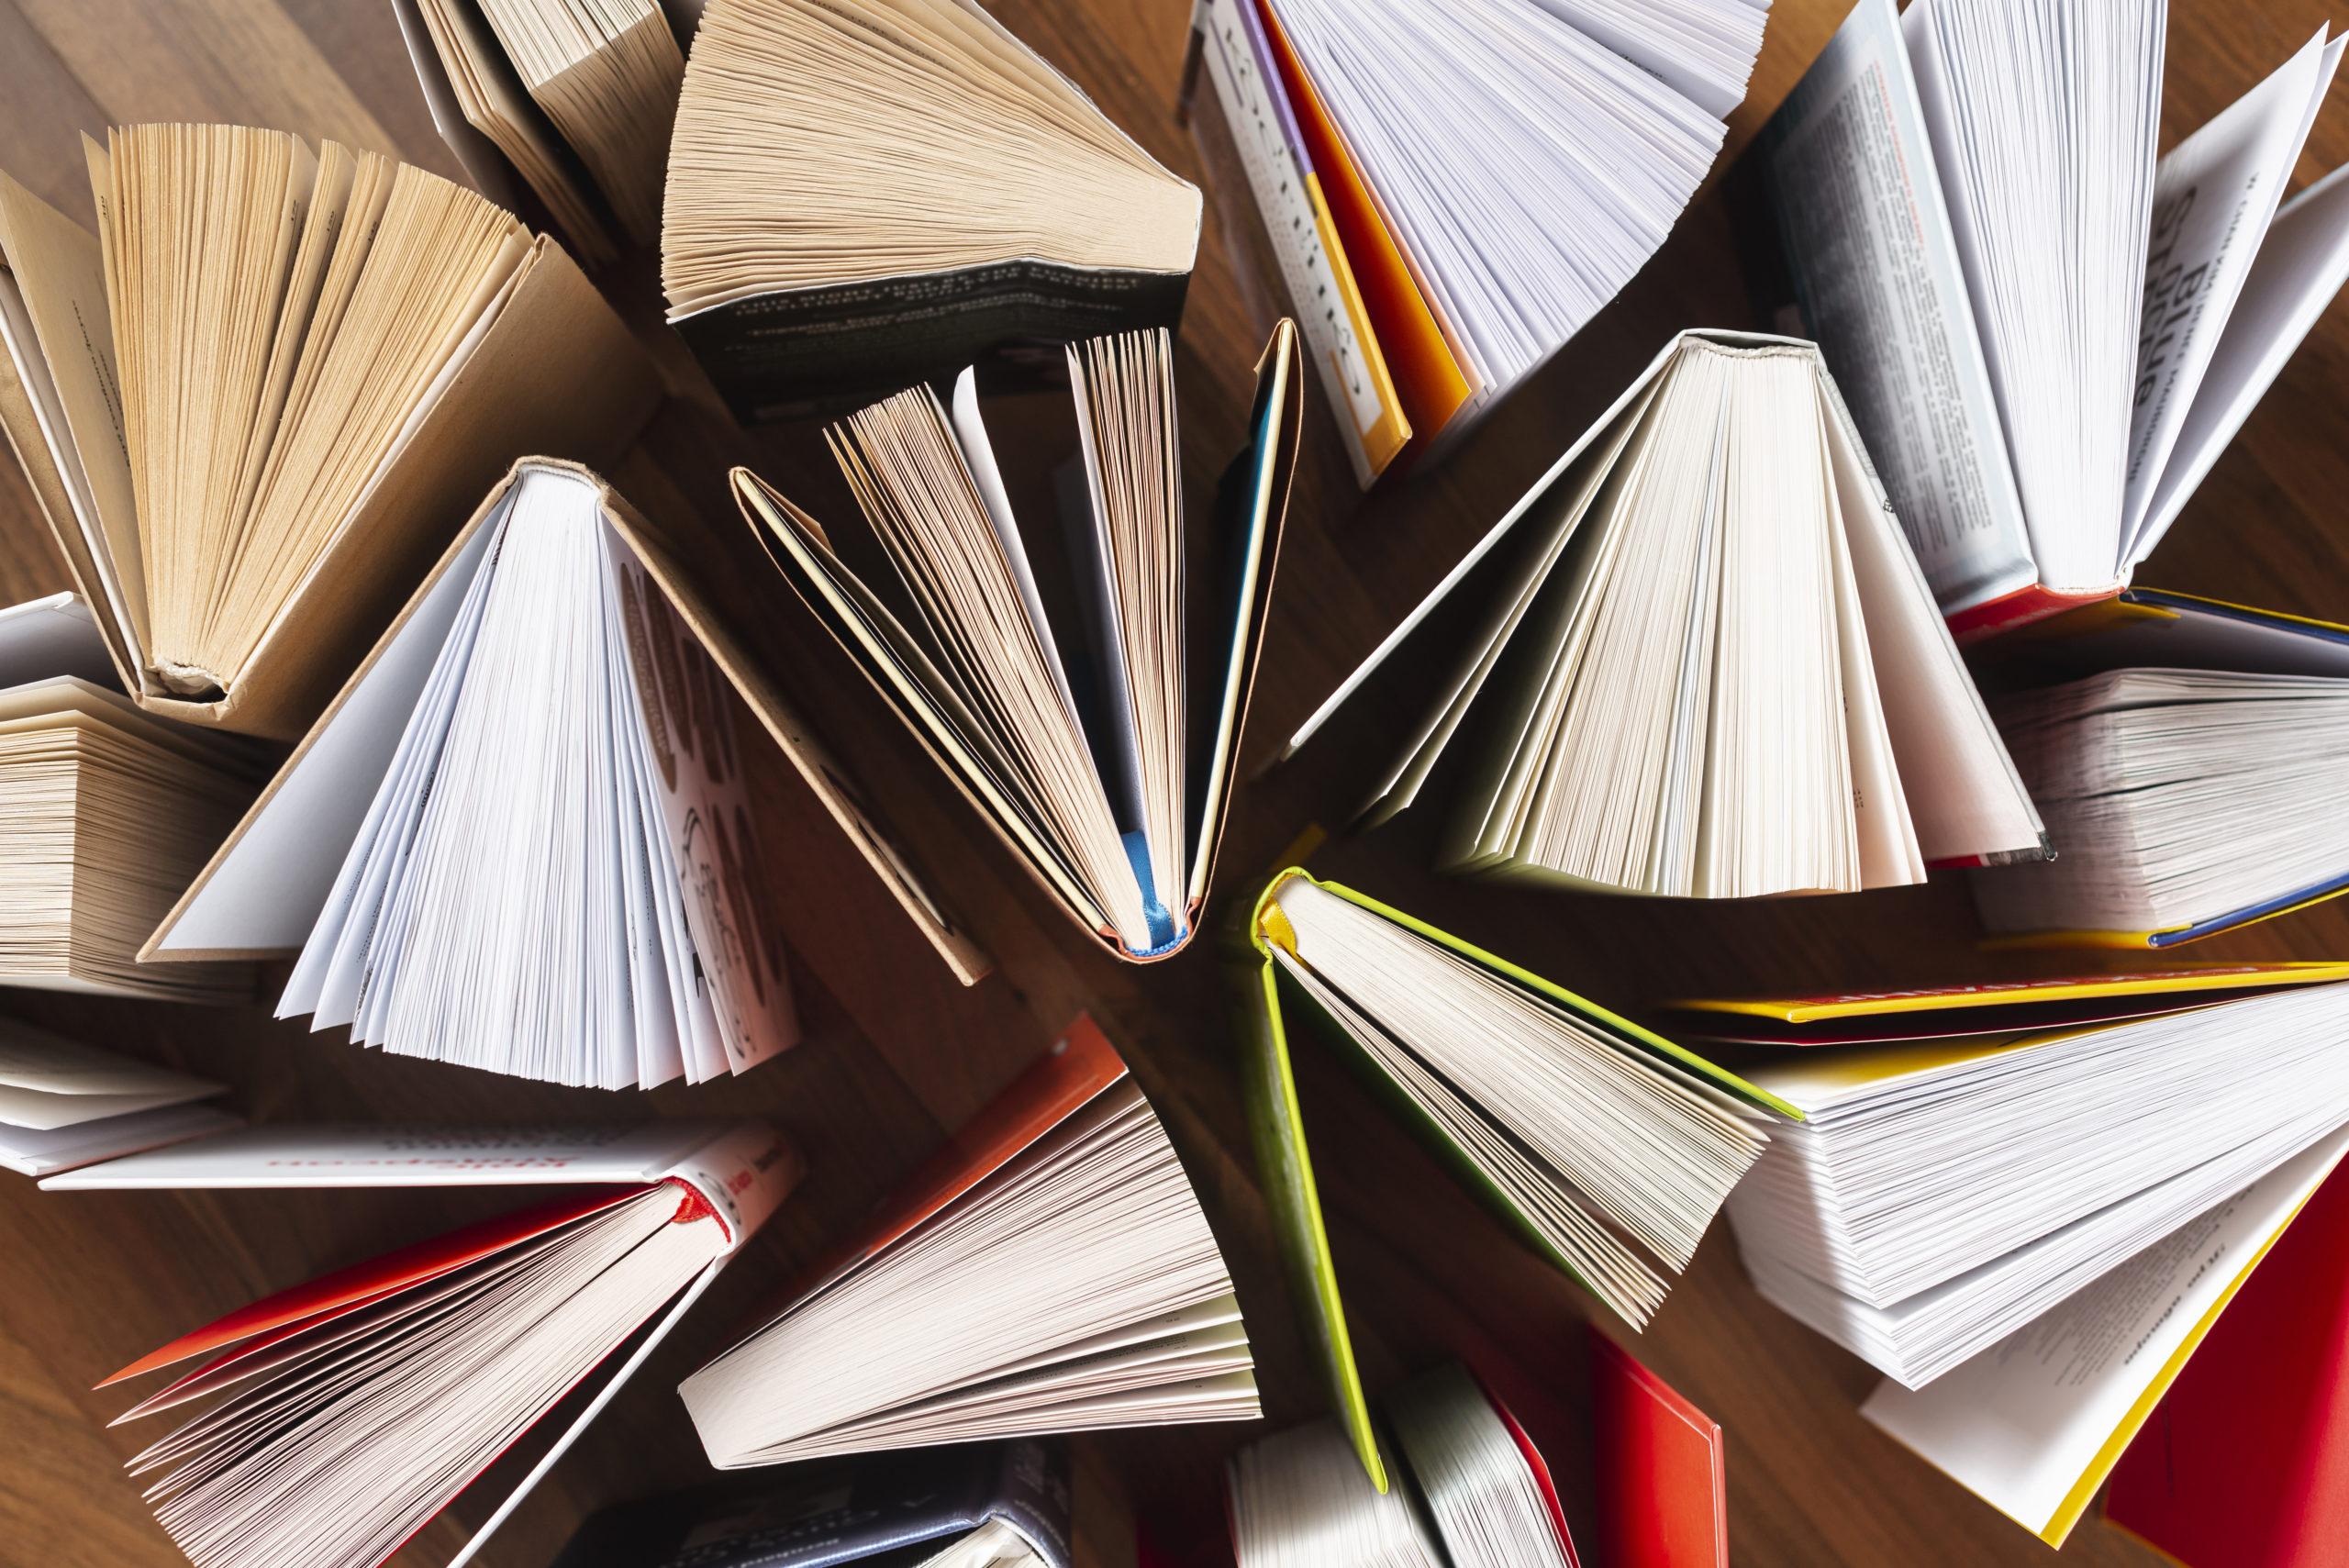 14 livres lus dans le cadre de Mon défi lecture 2017 – 1 livre par mois